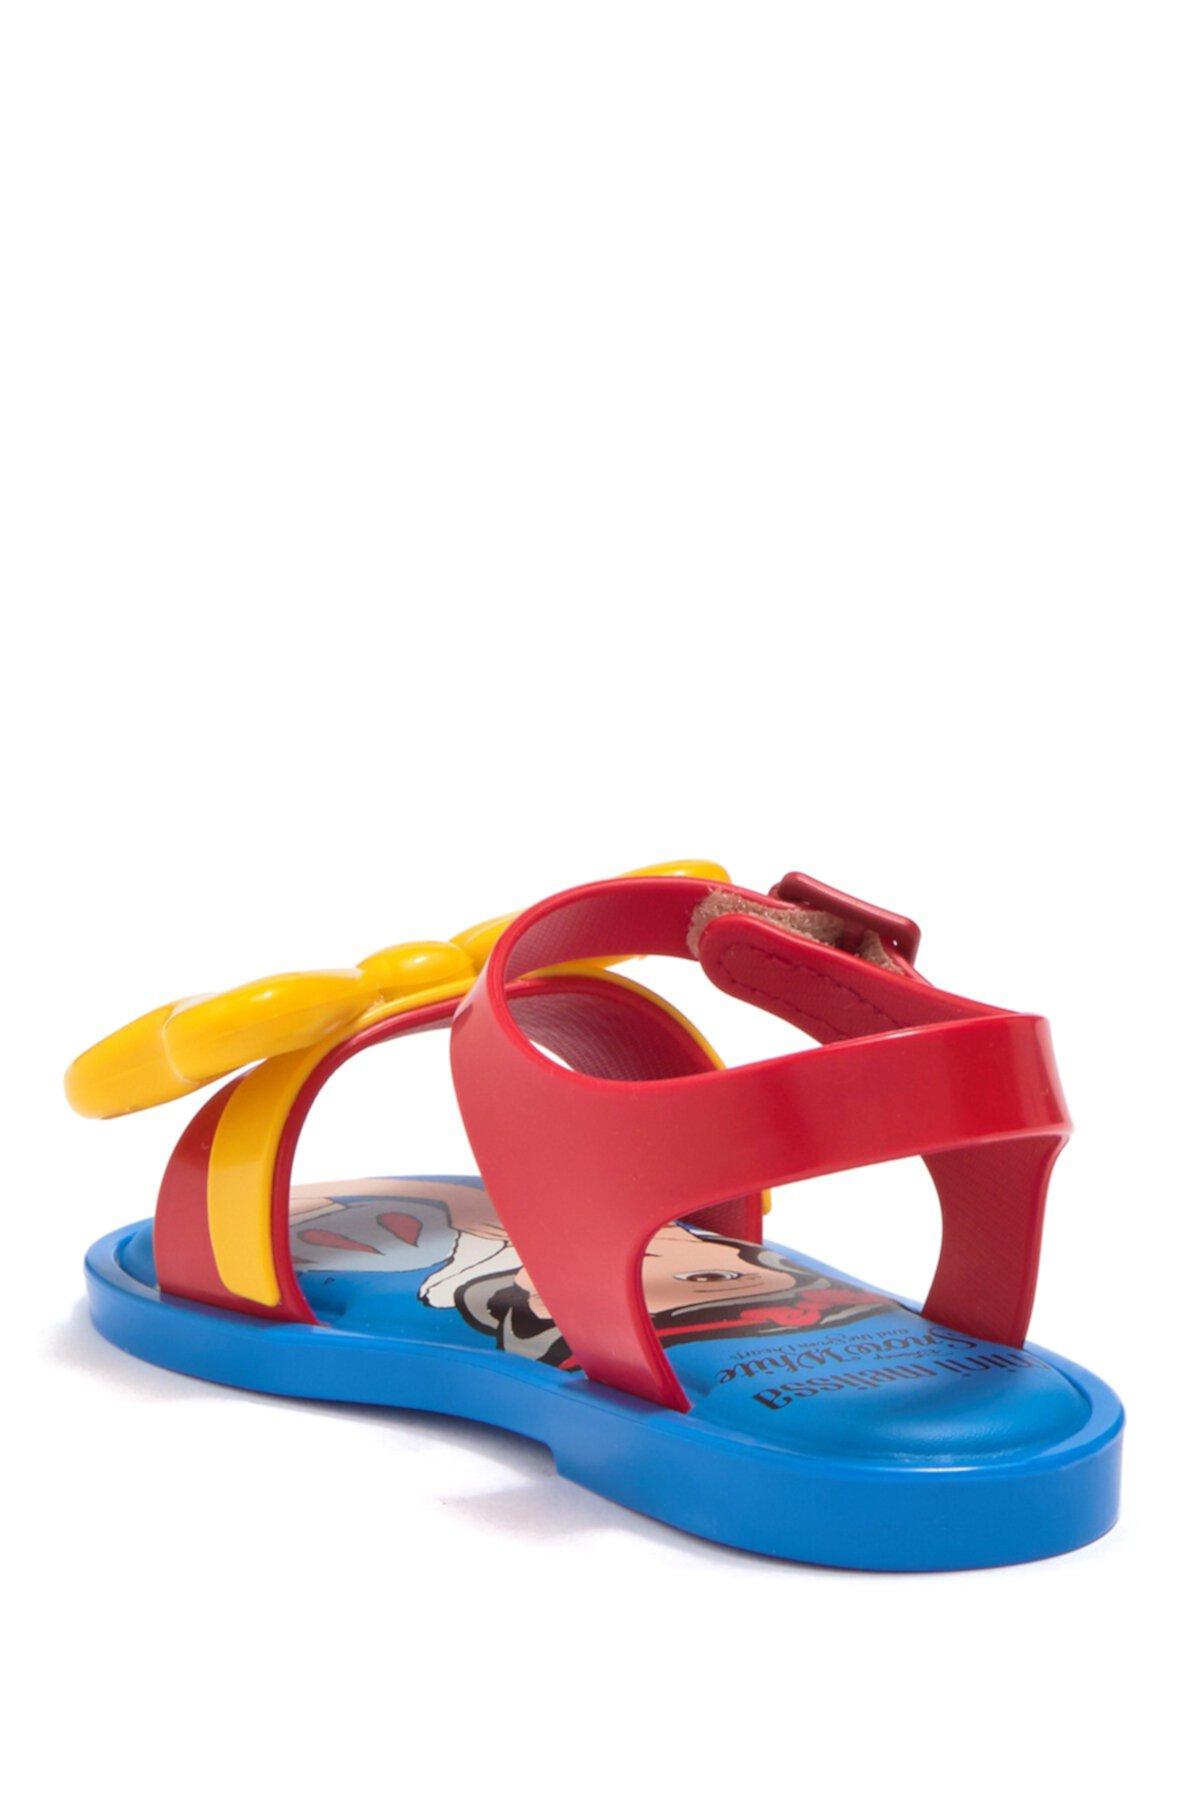 Белоснежные мини-сандалии Disney (для малышей) Mini Melissa